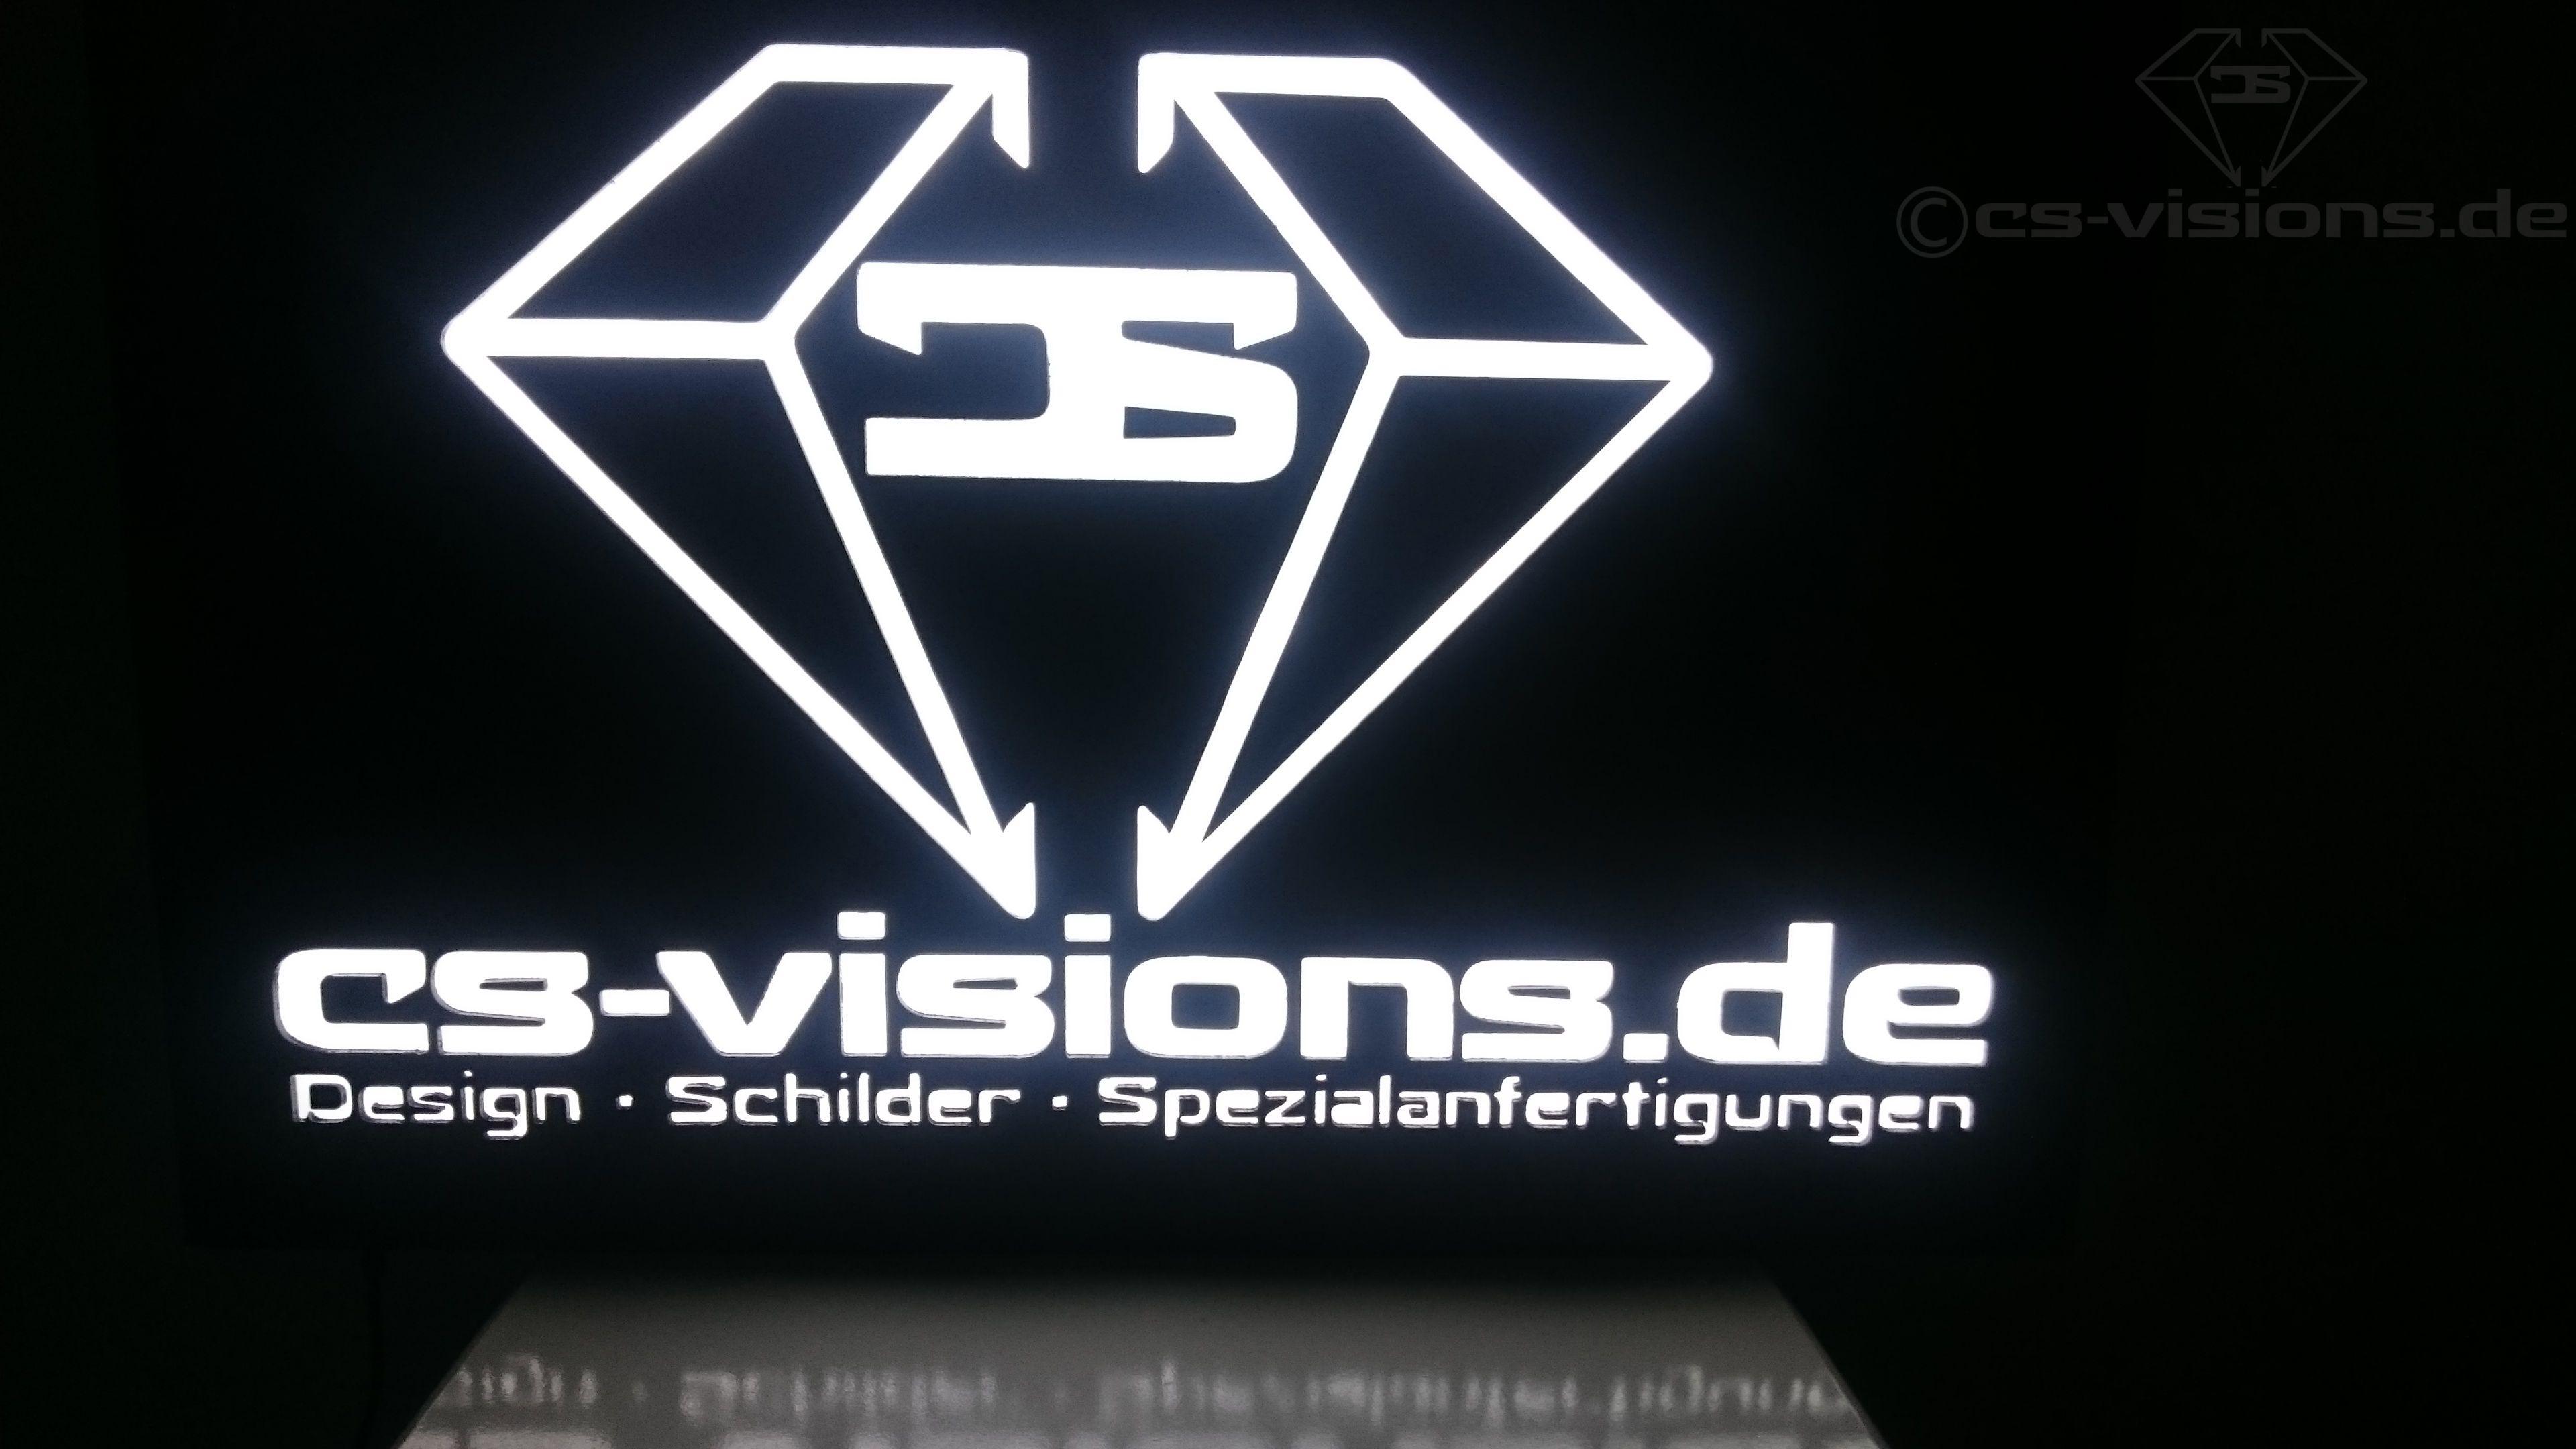 Werbeschild Aus Holz Aluminium Led Und Plexiglas Beleuchtet Anfertigung Nach Kundenwunsch Cs Visions De Werbeschilder Schilder Beleuchten